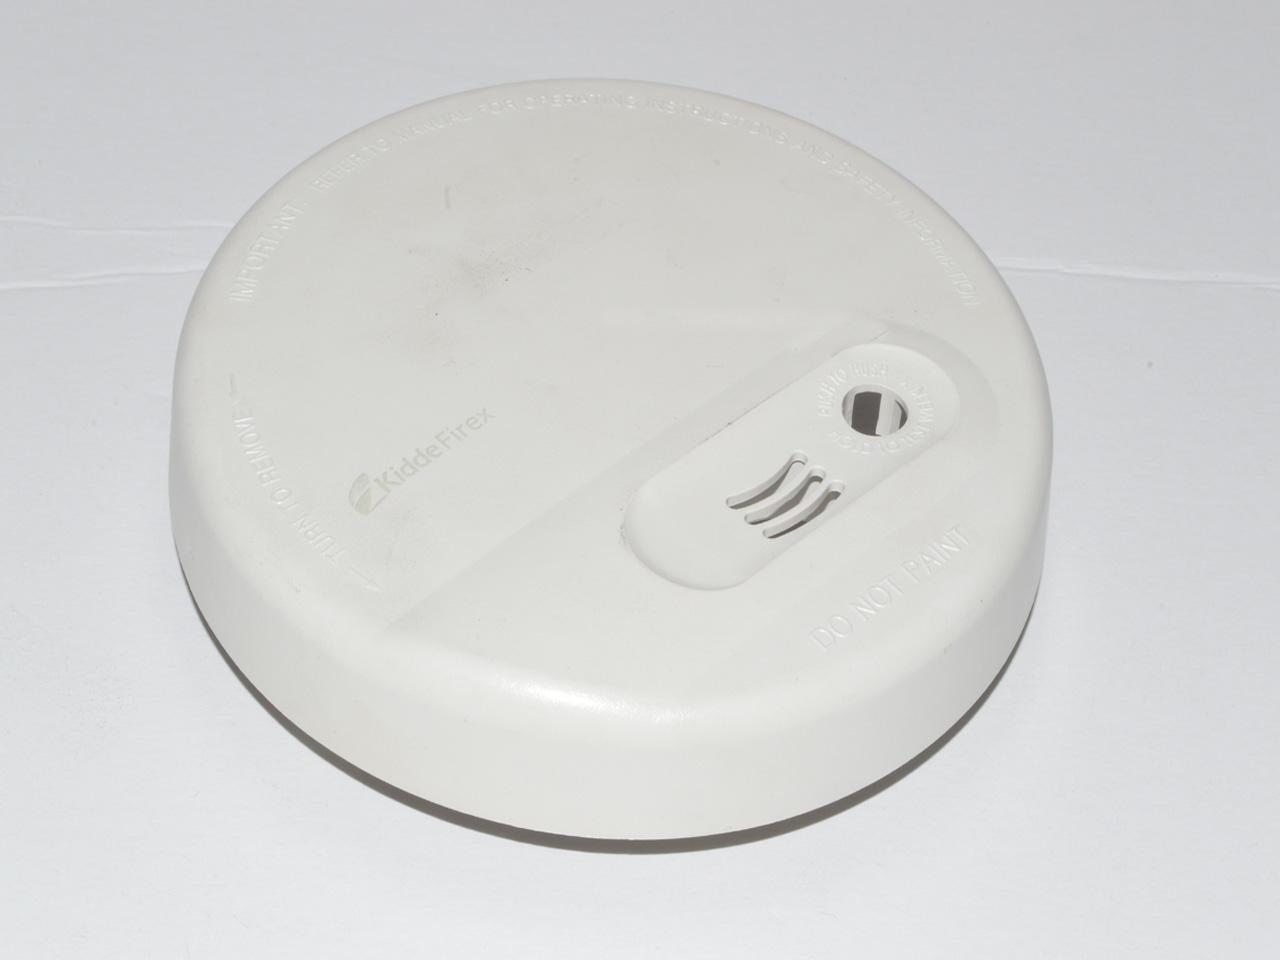 烟雾传感器外壳